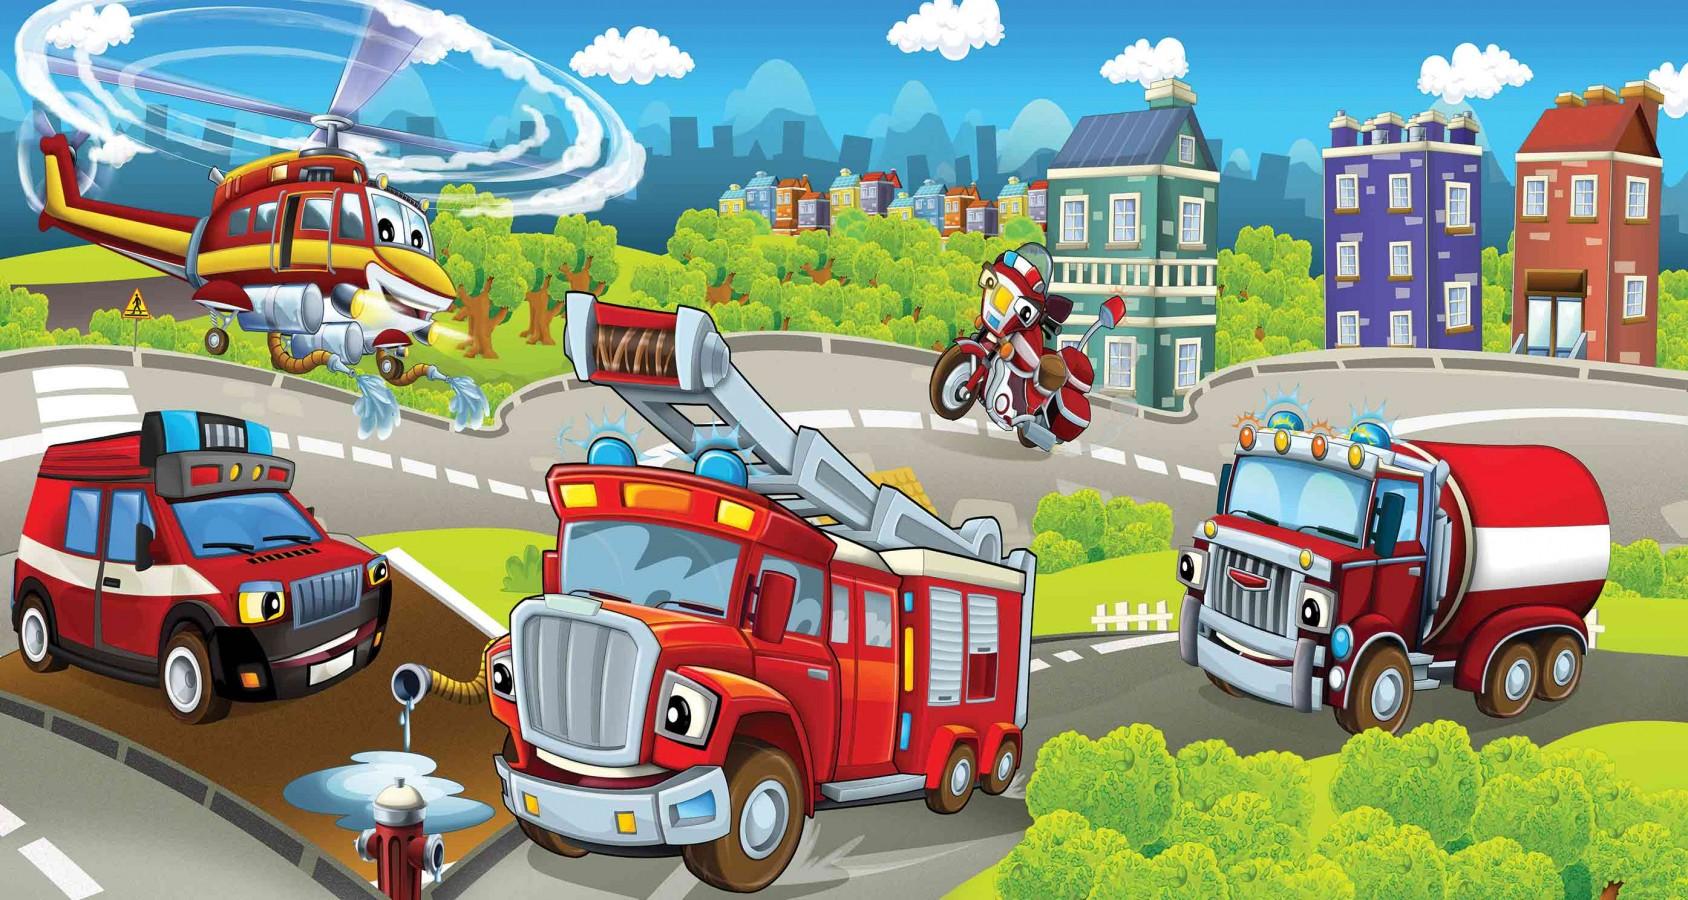 Fotomural Firemen Toys A08-M958   A08-M958